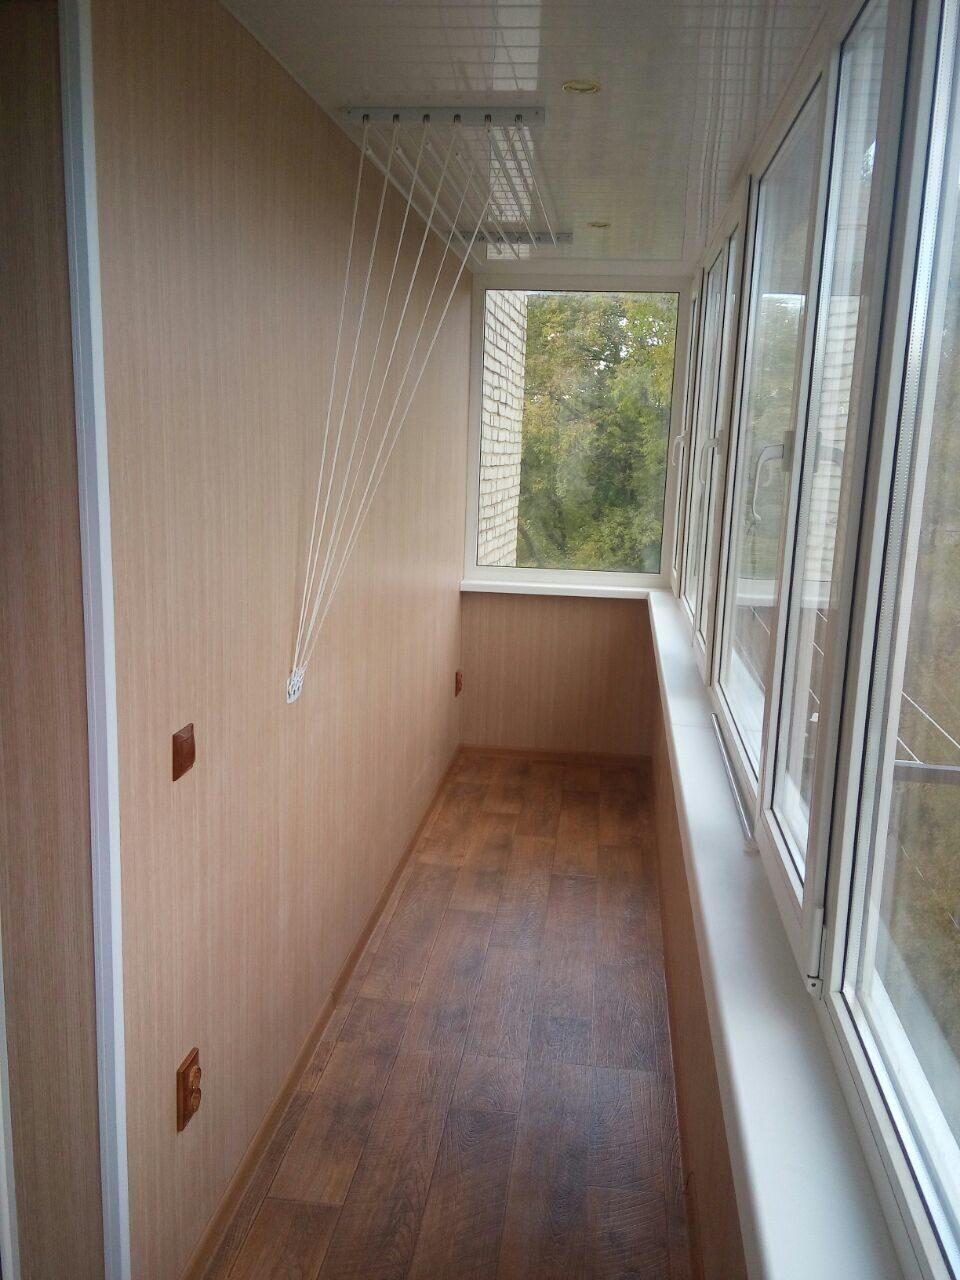 Внутренняя отделка балкона 6м фотогалерея компании профиль.